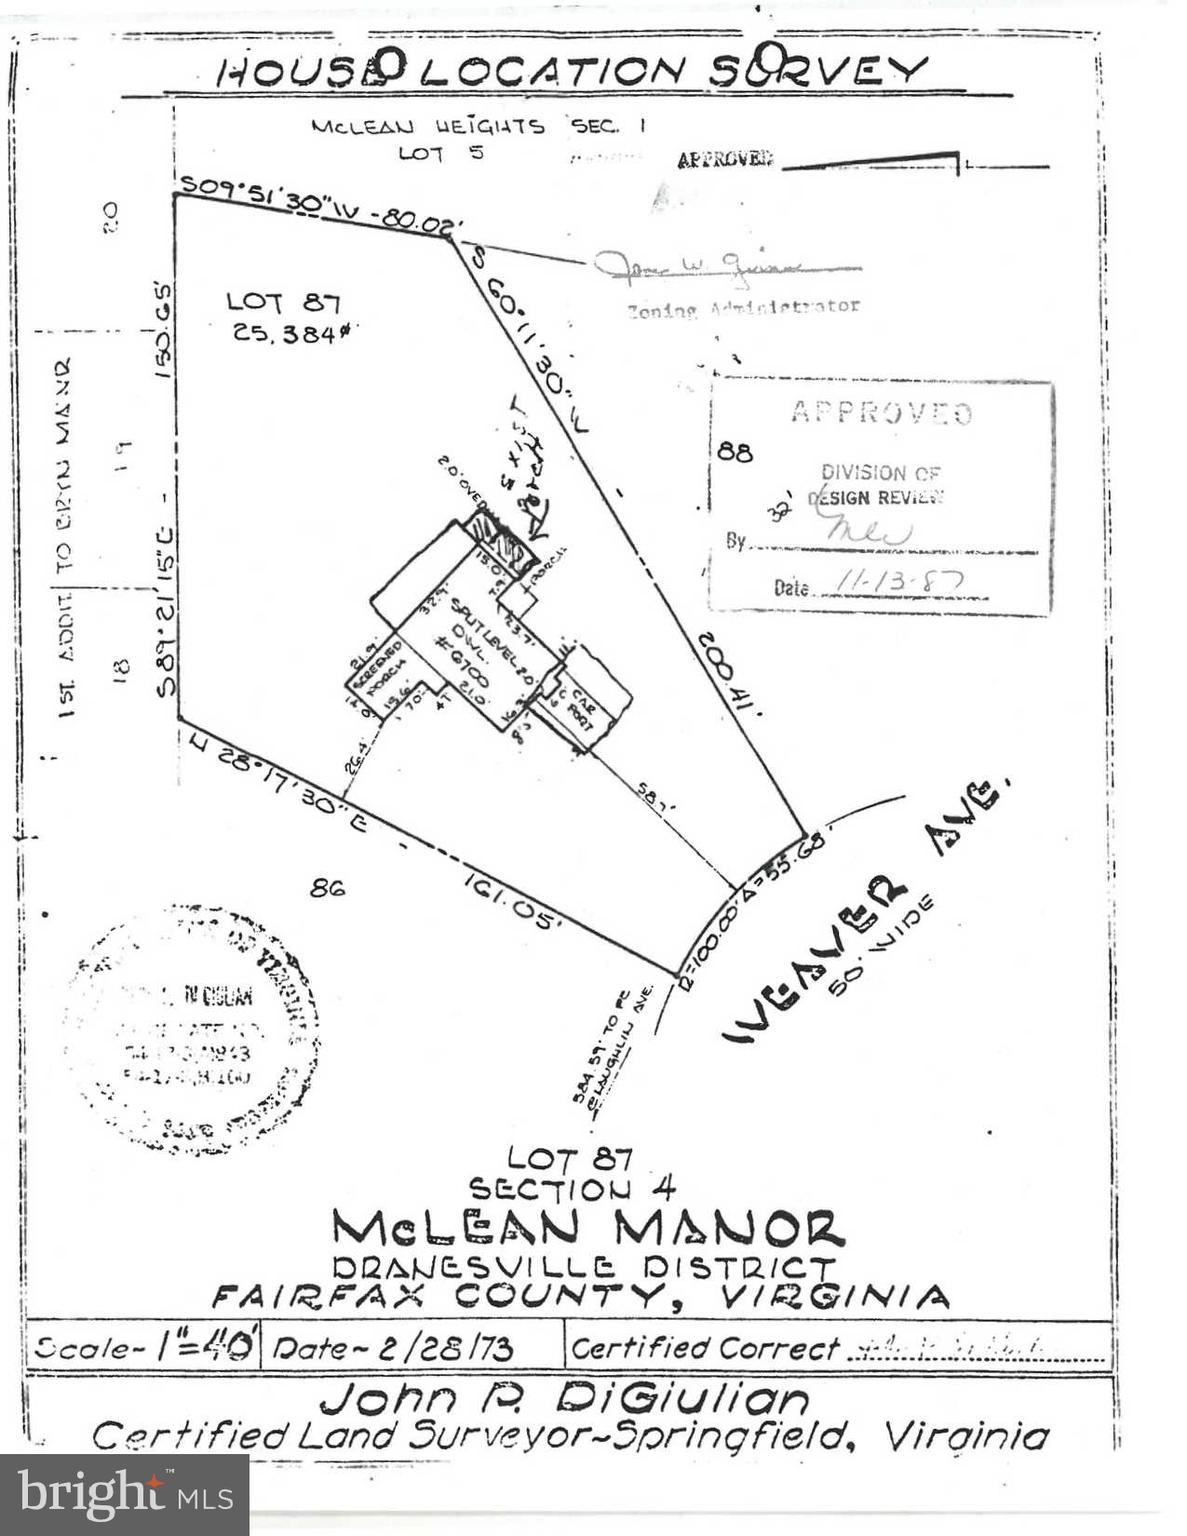 6700 Weaver Ave, Mclean, VA, 22101